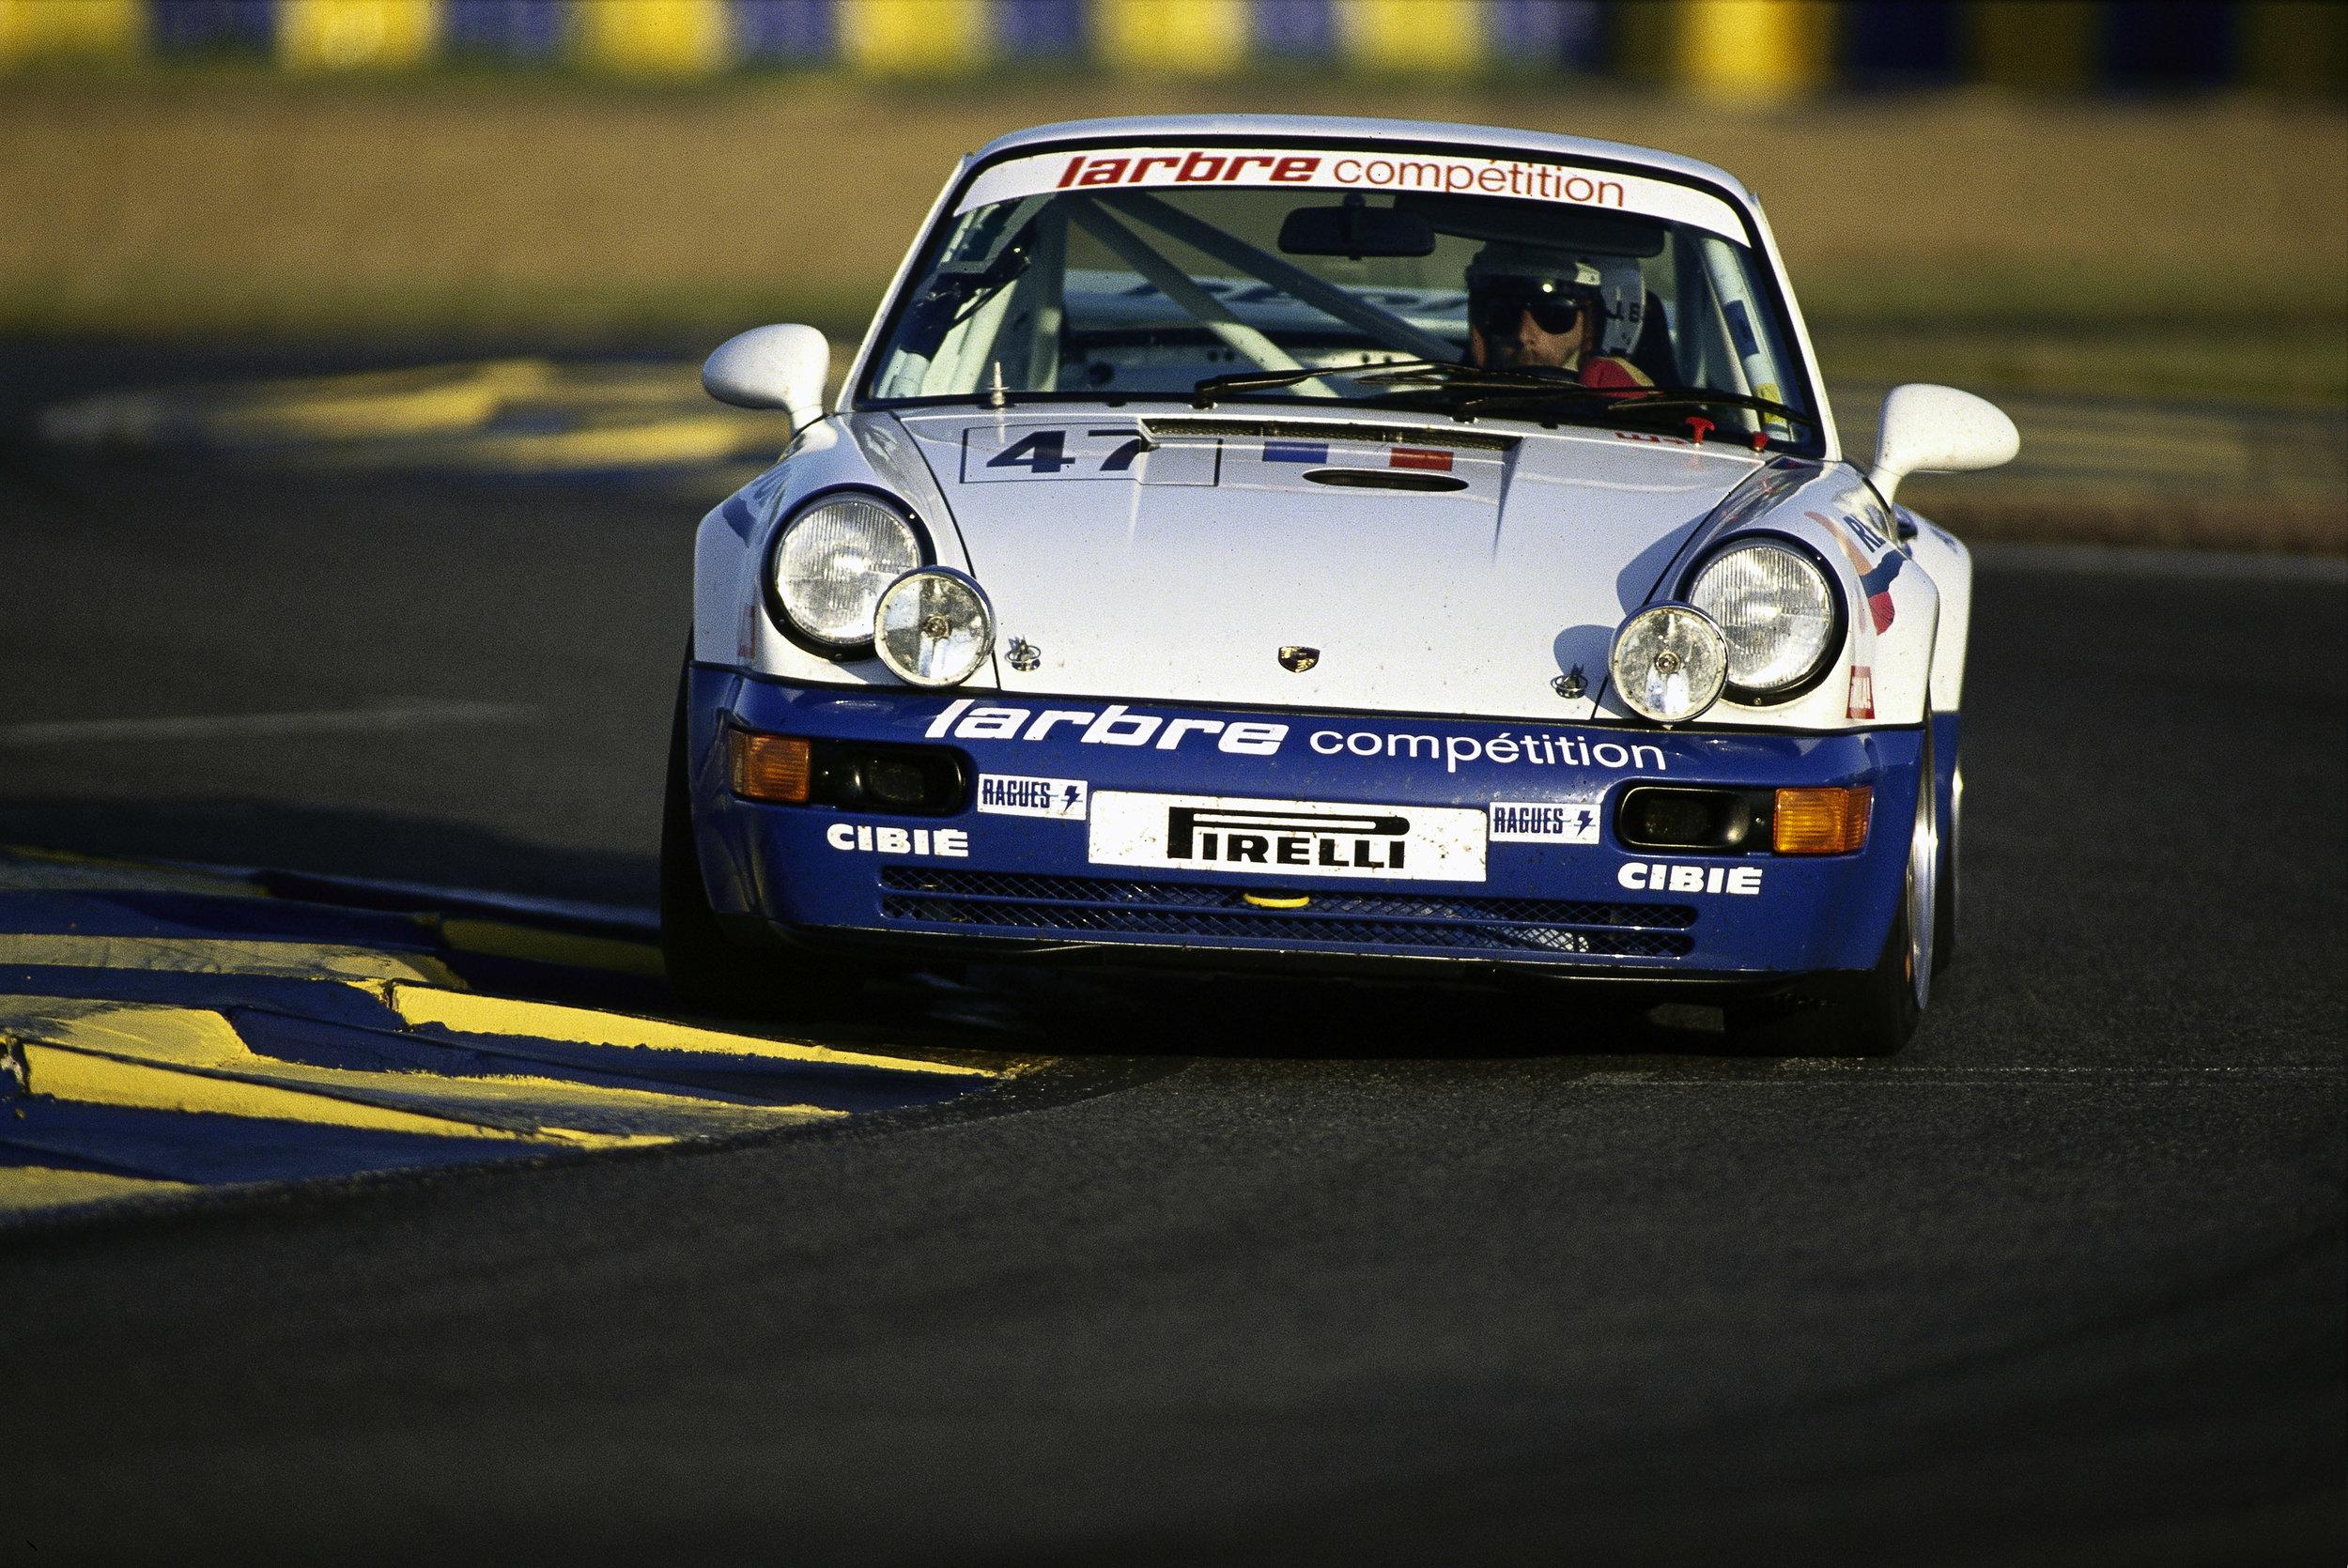 HDK 6873_1_911 Carrera RSR 3,8 1993 in Le Mans.jpg